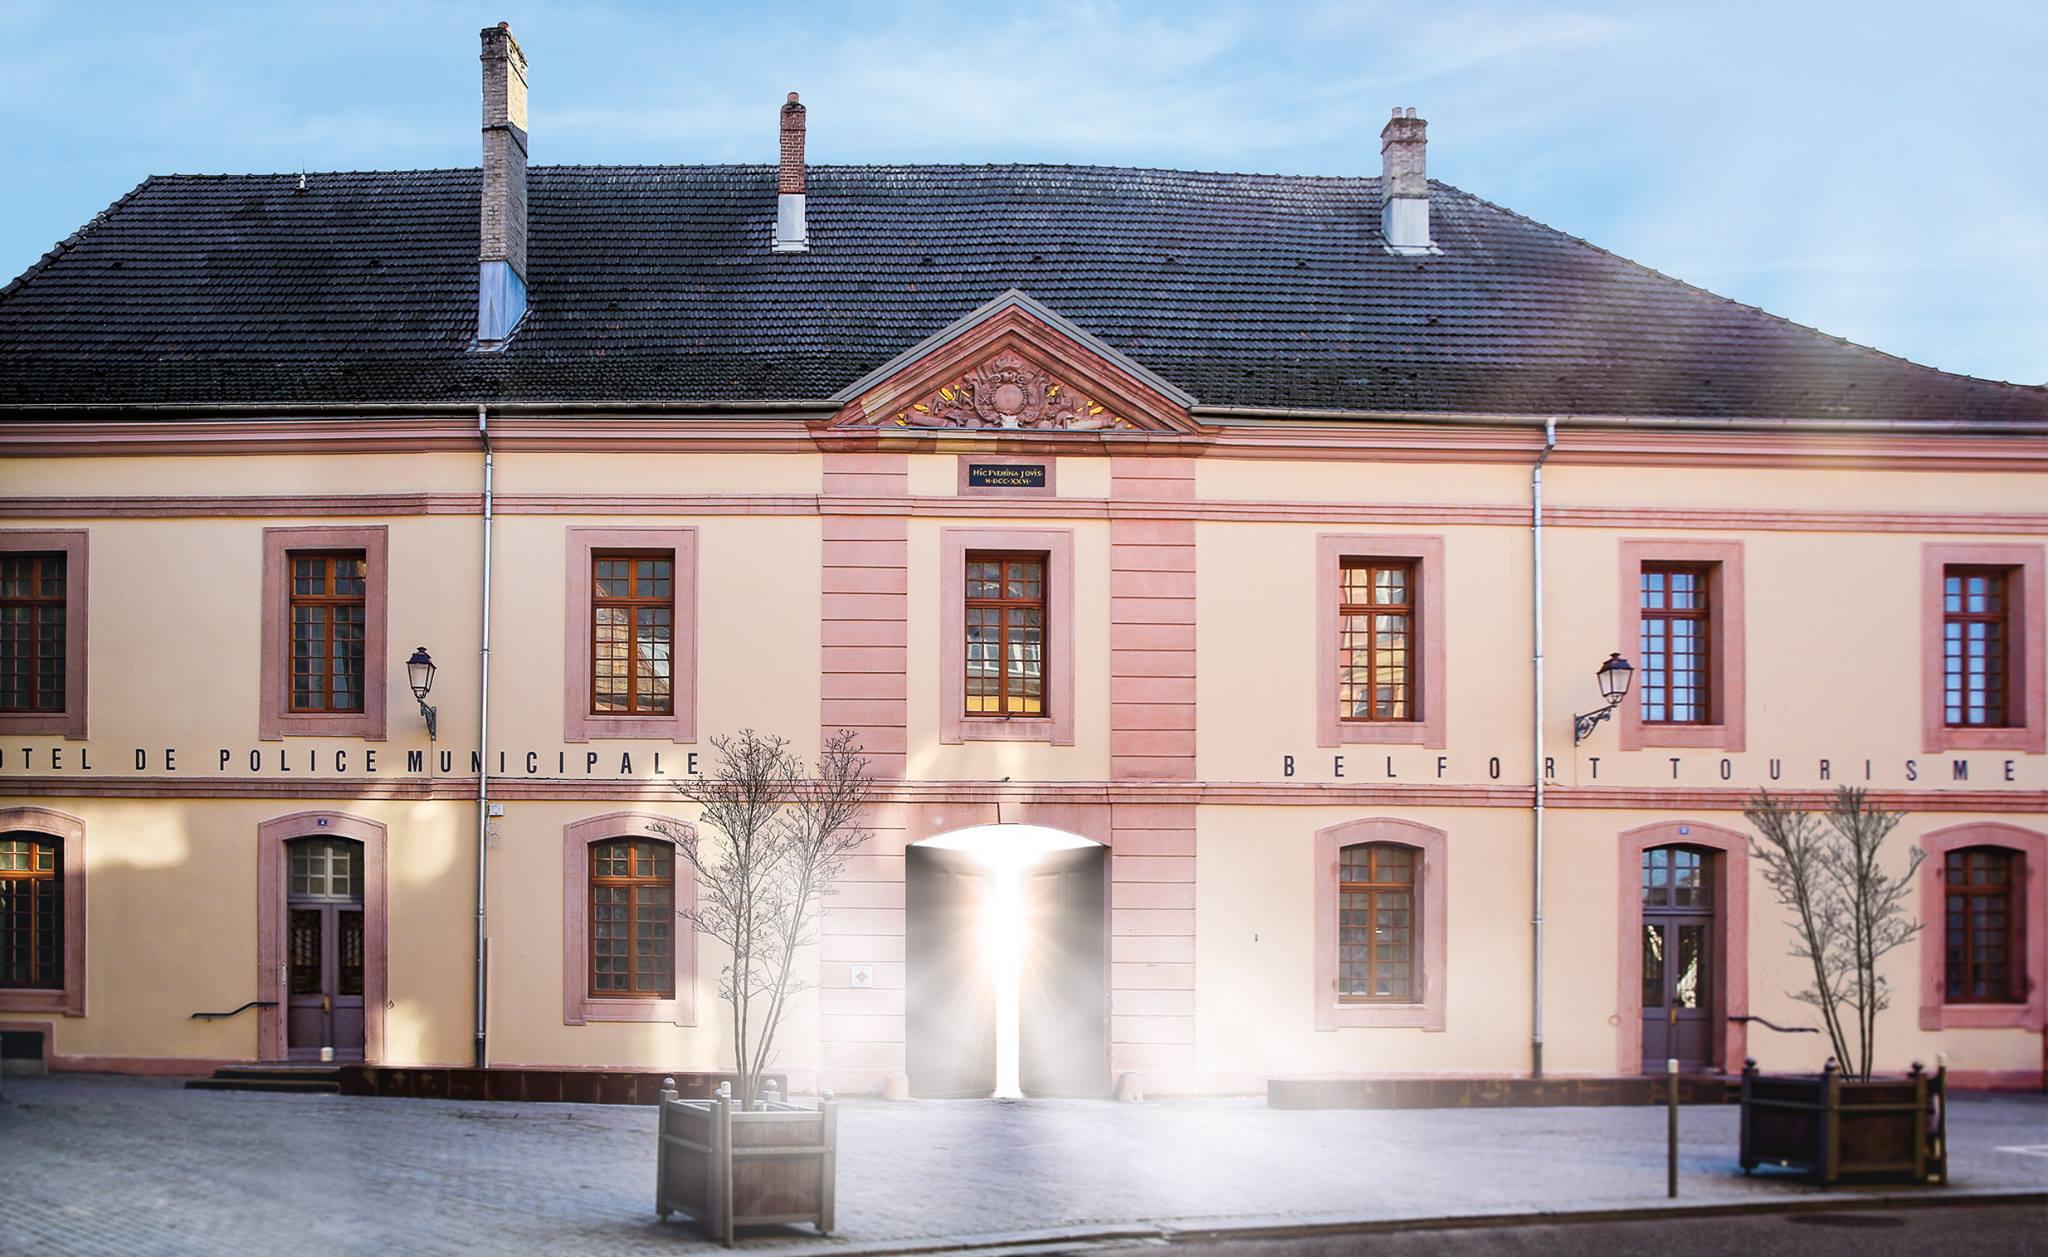 Belfort tourisme sera en vacances du 25 avril au 3 mai.